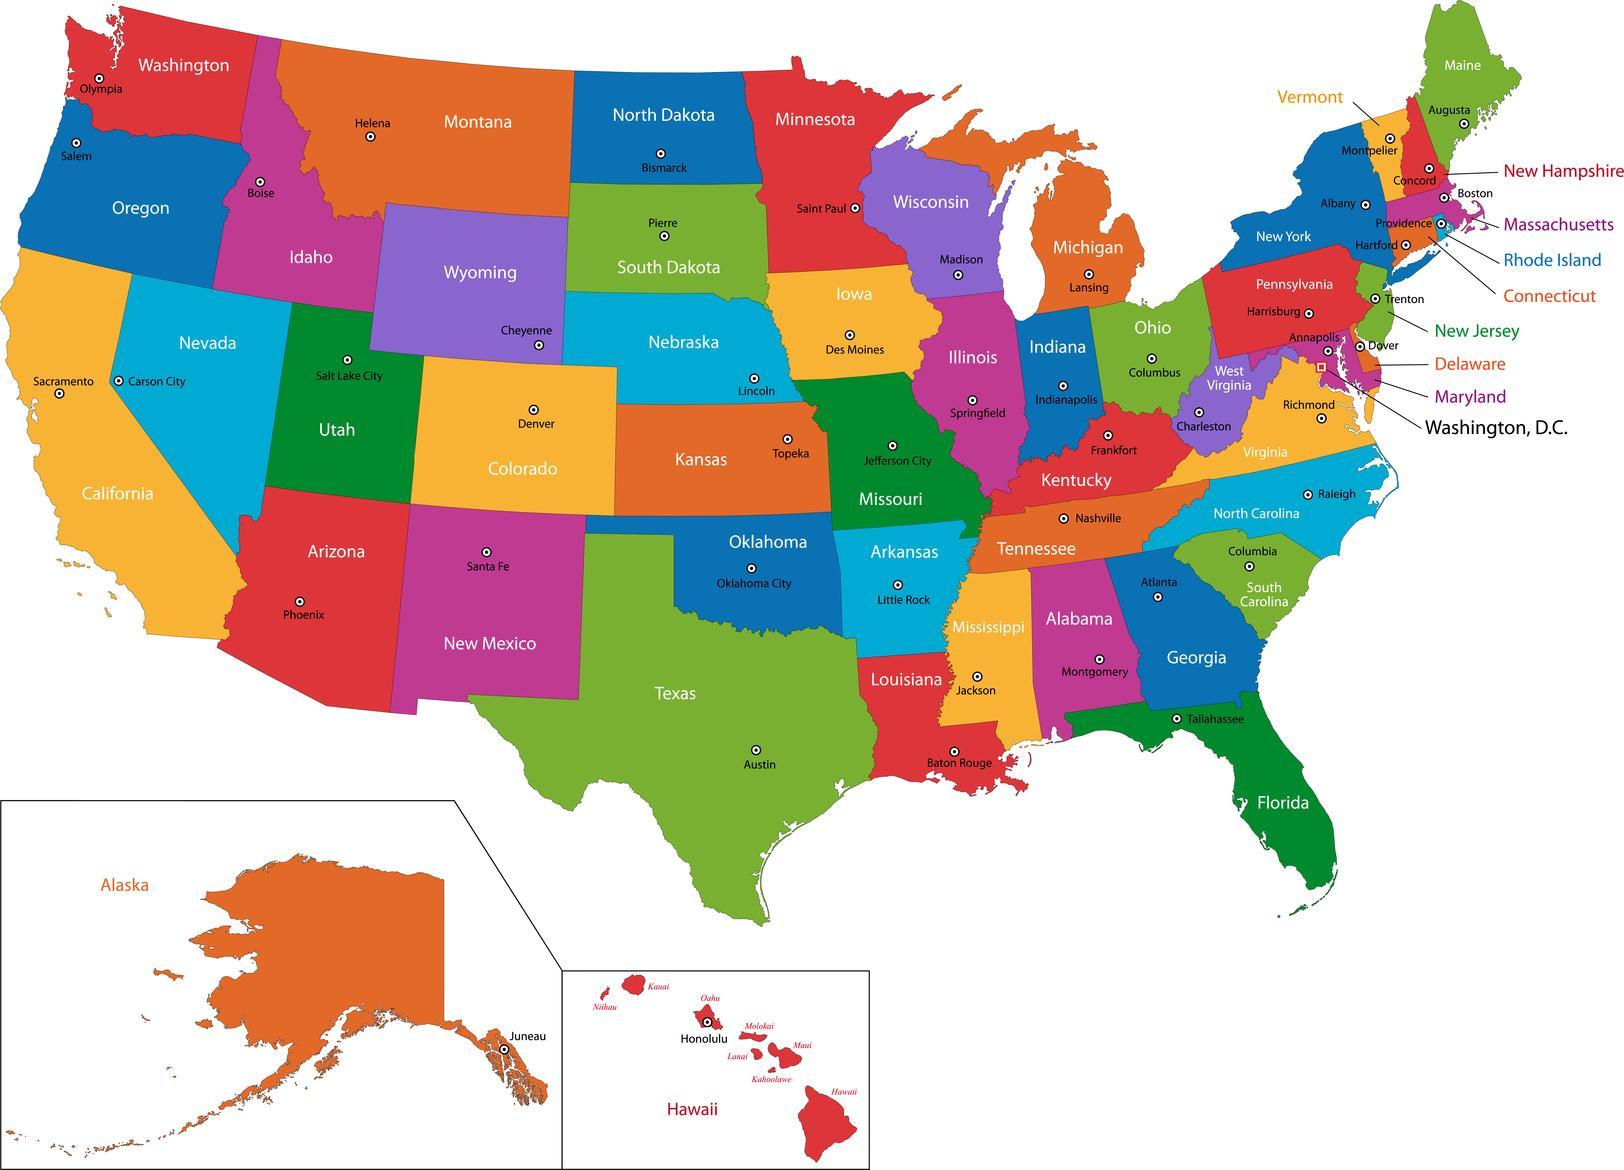 Cartina Stati Uniti Stati E Capitali.Mappa Degli Stati Uniti Con Gli Stati E Le Capitali Mappa Degli Stati Uniti Con Gli Stati E Le Capitali America Del Nord America